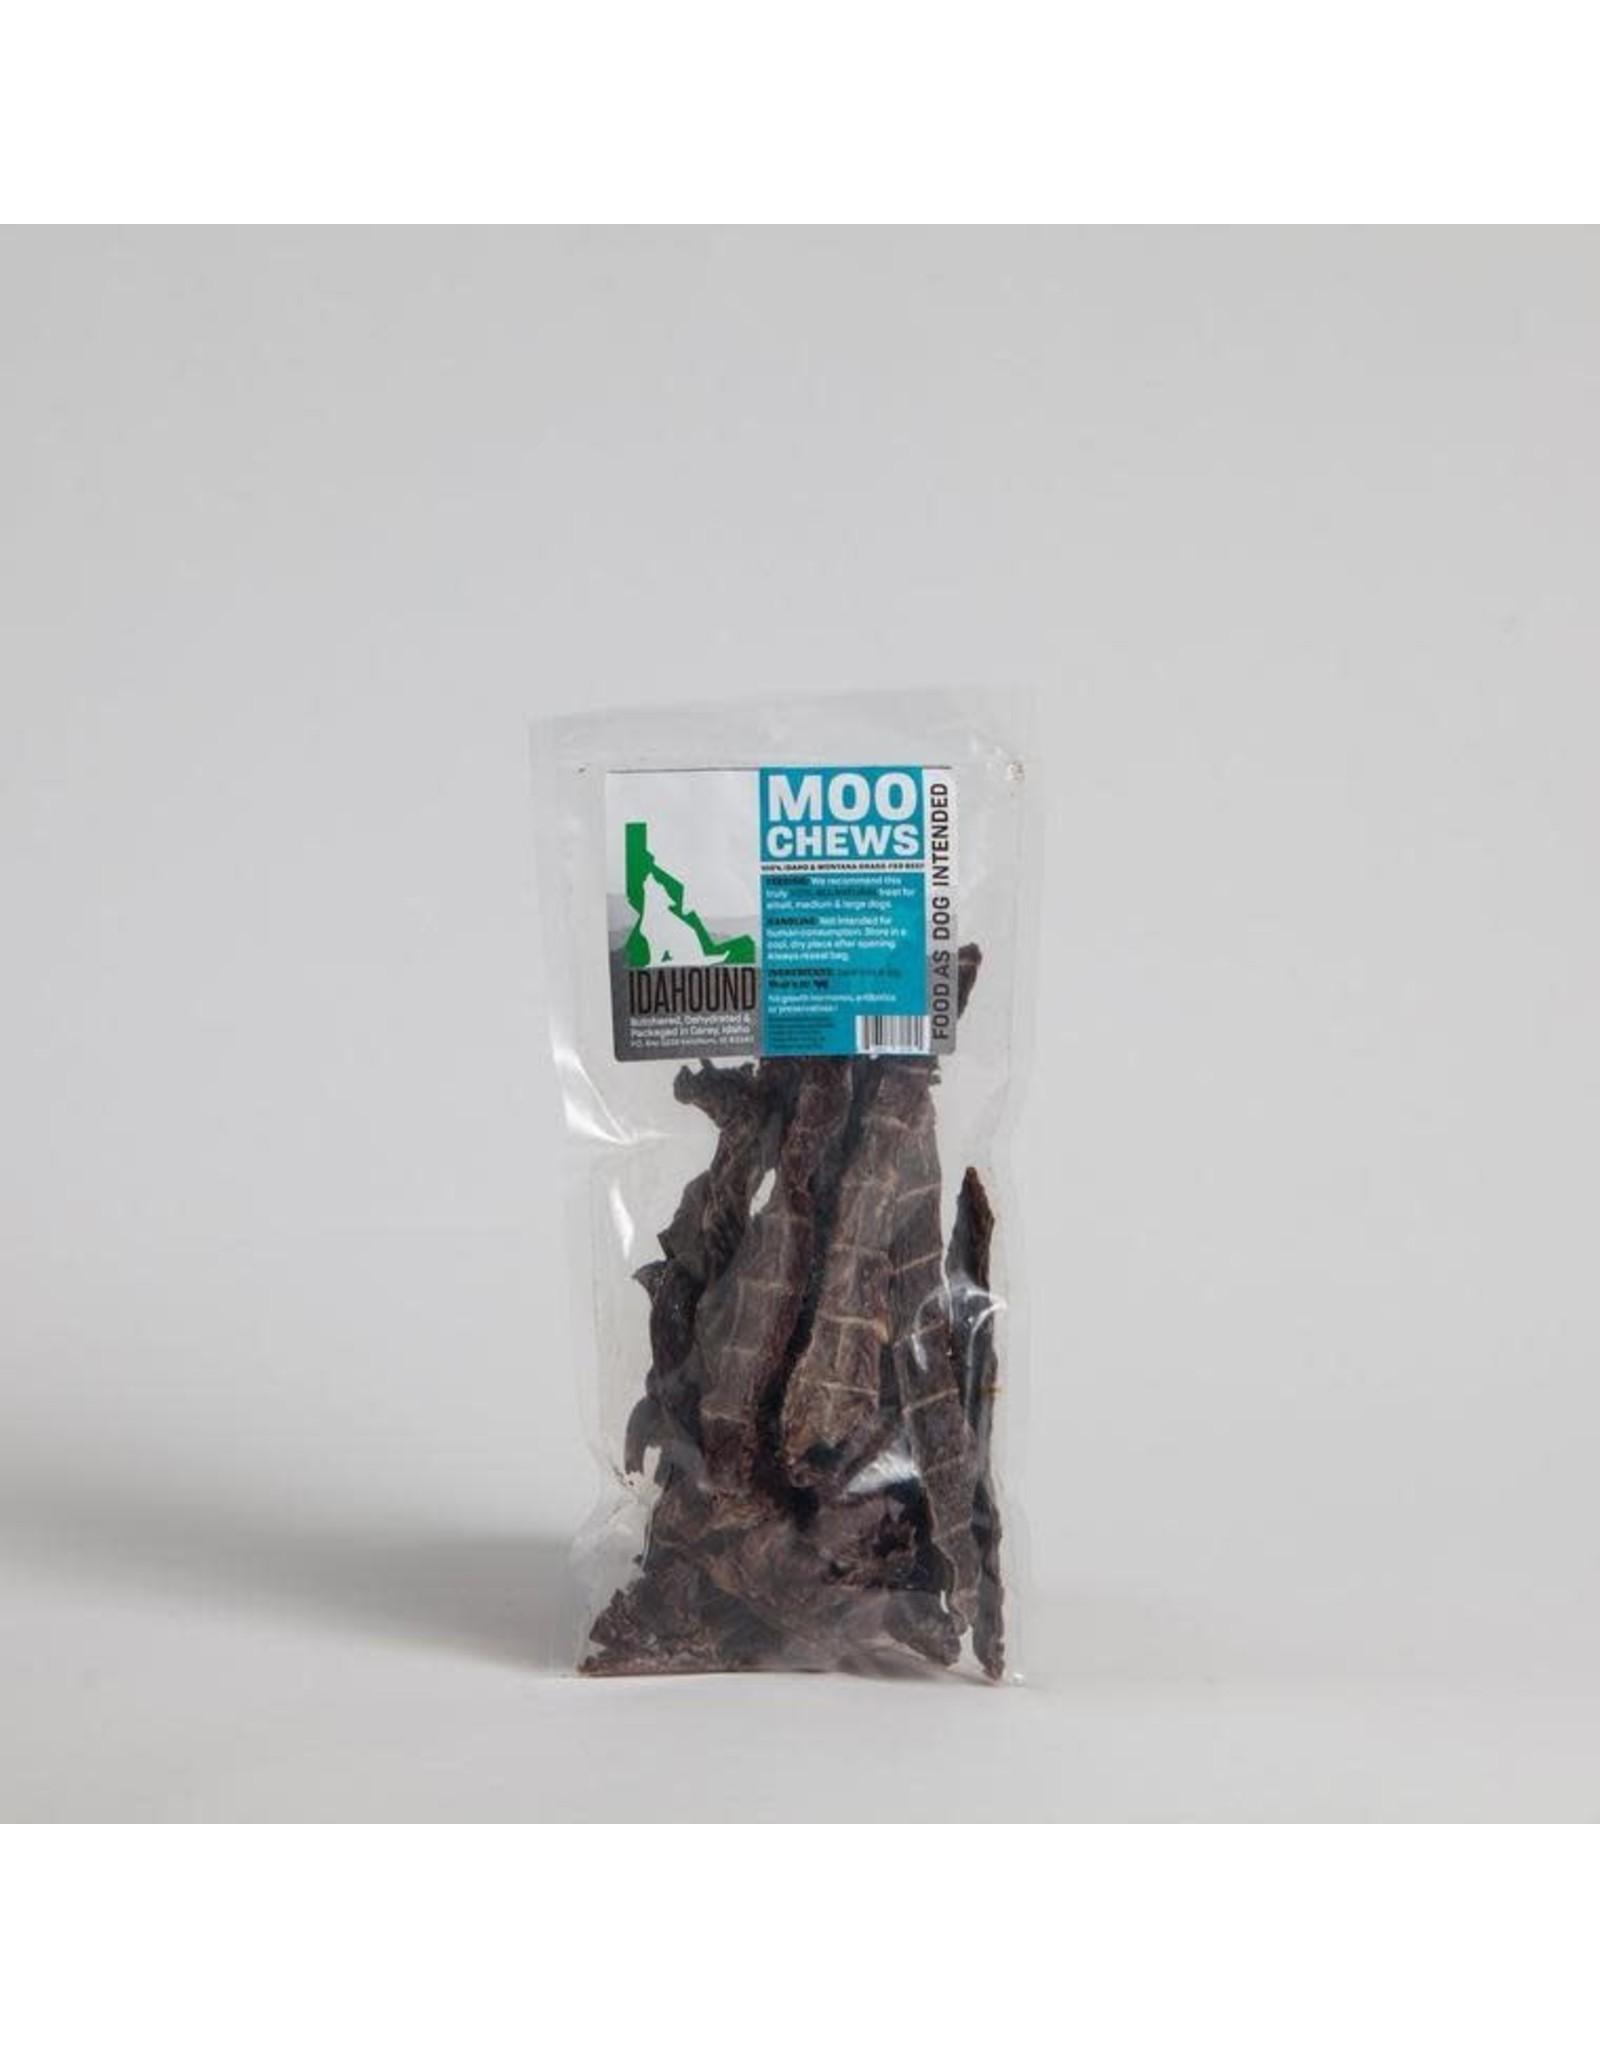 Idahound Idahound: Moo Chews